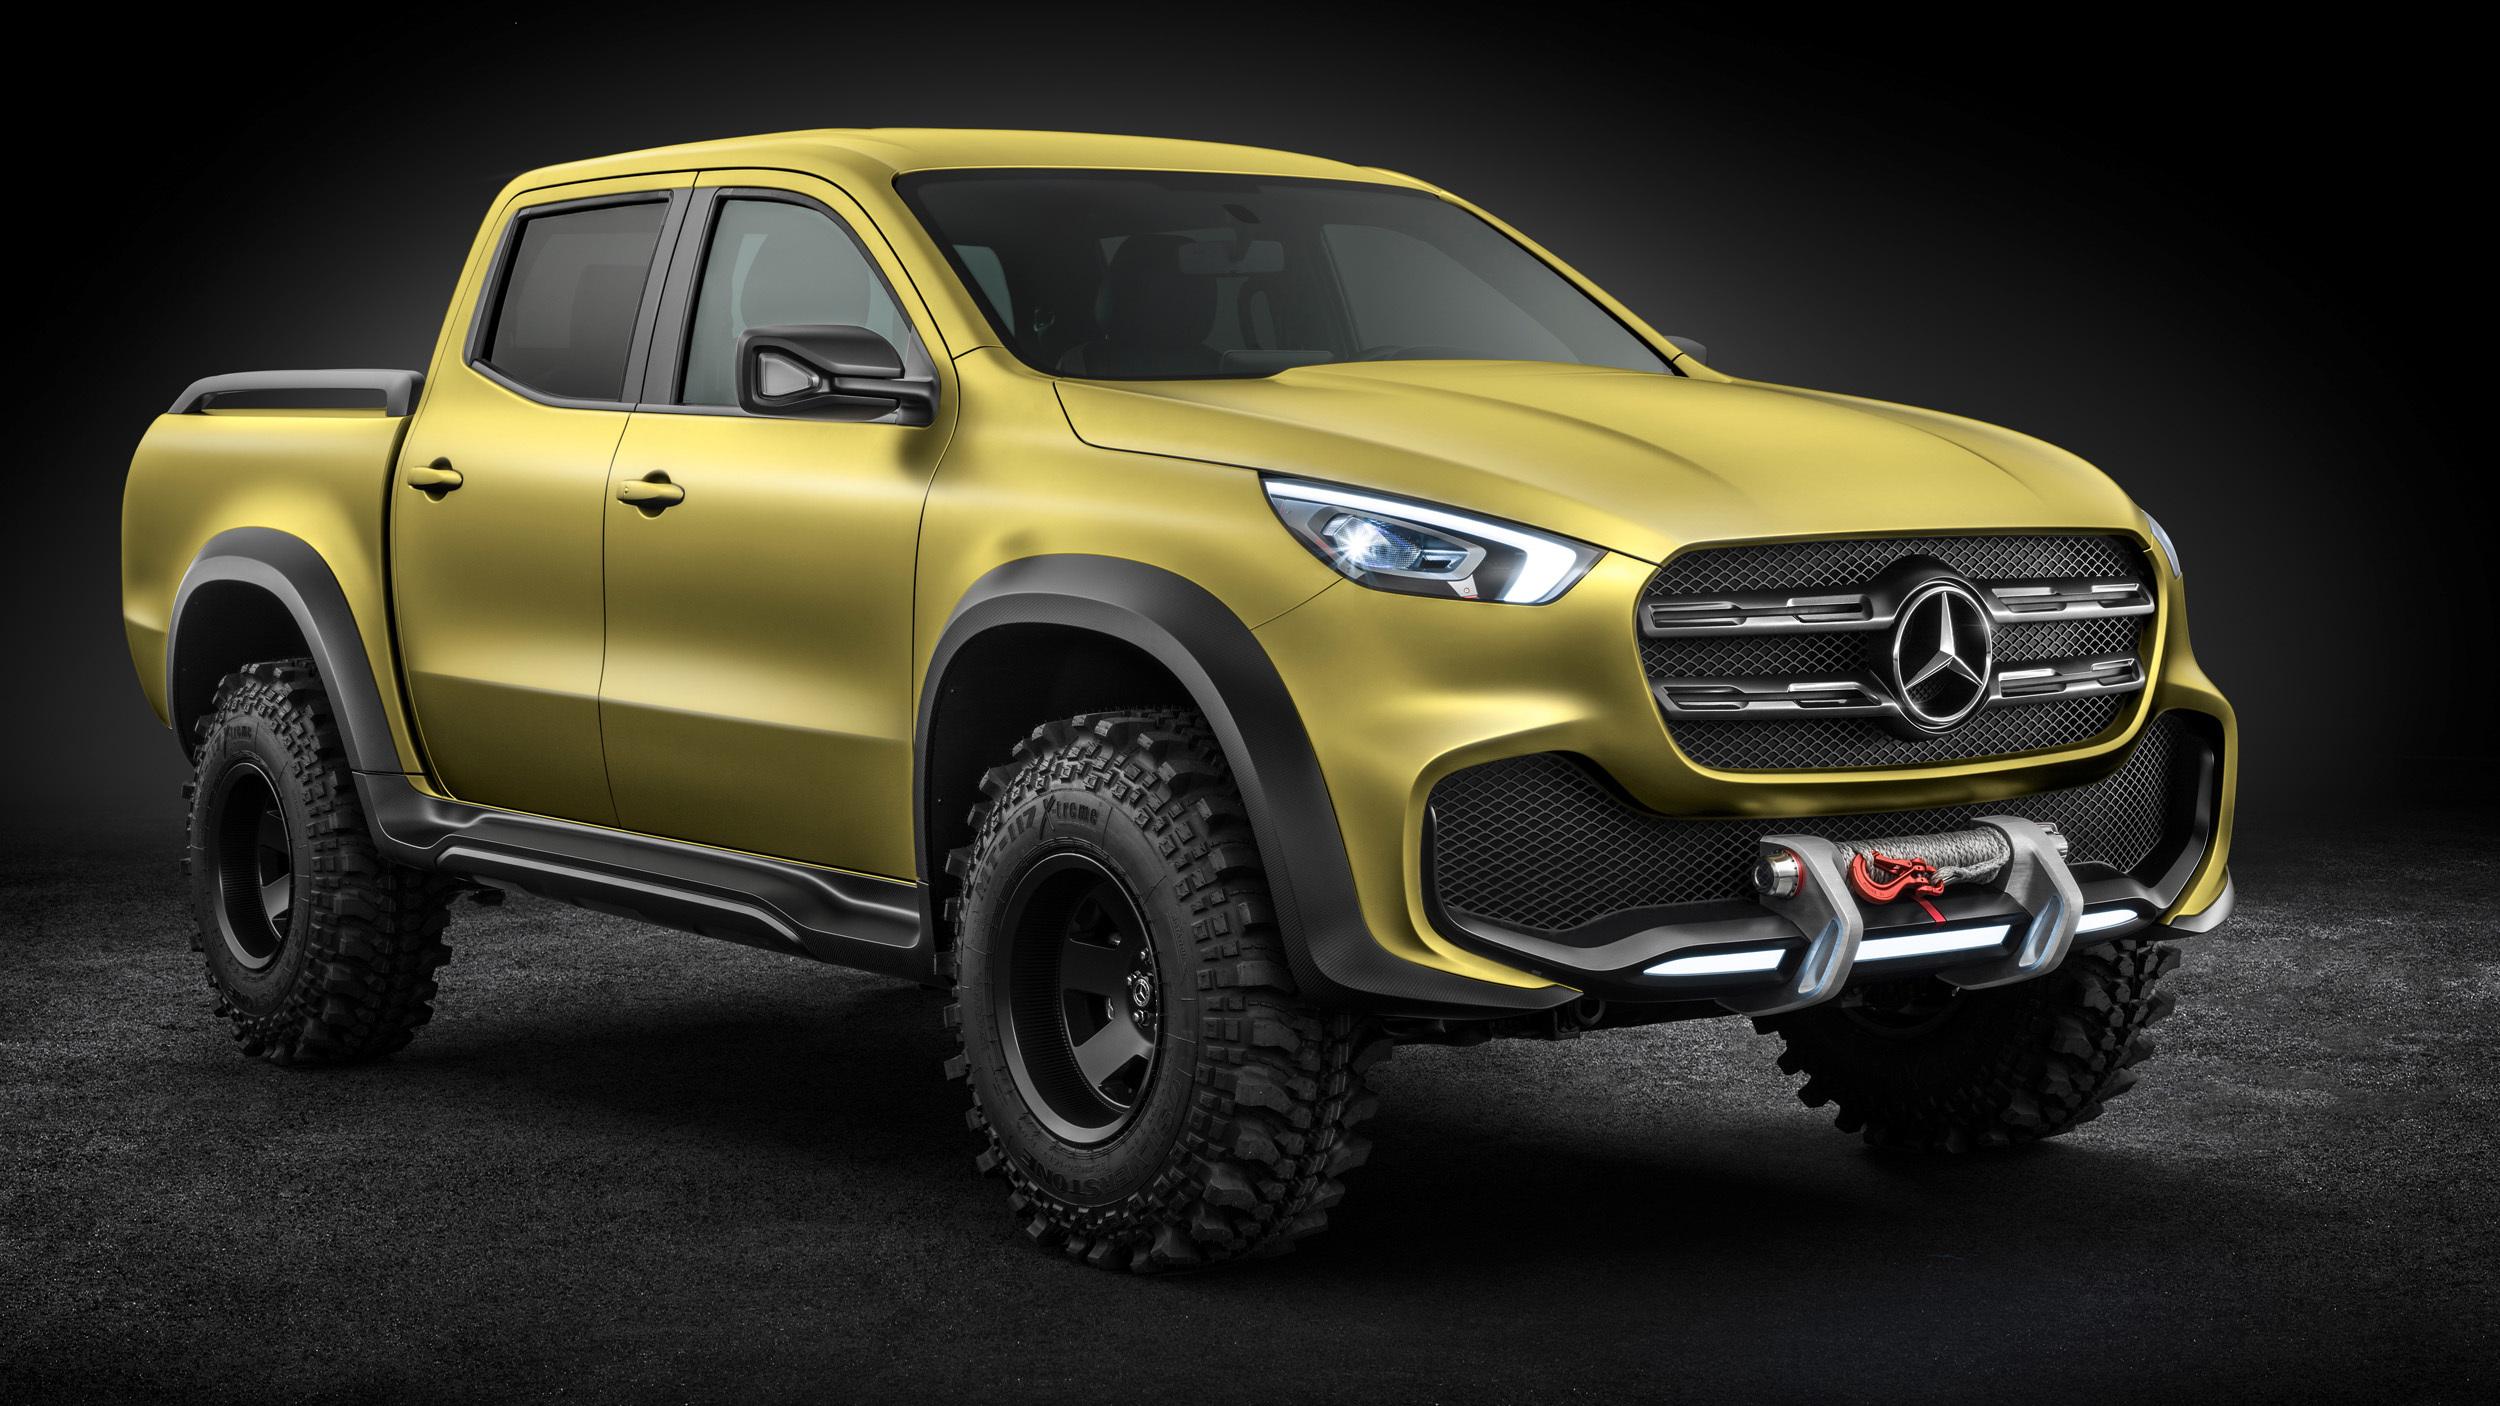 Mercedes Benz presentó su nuevo pick up